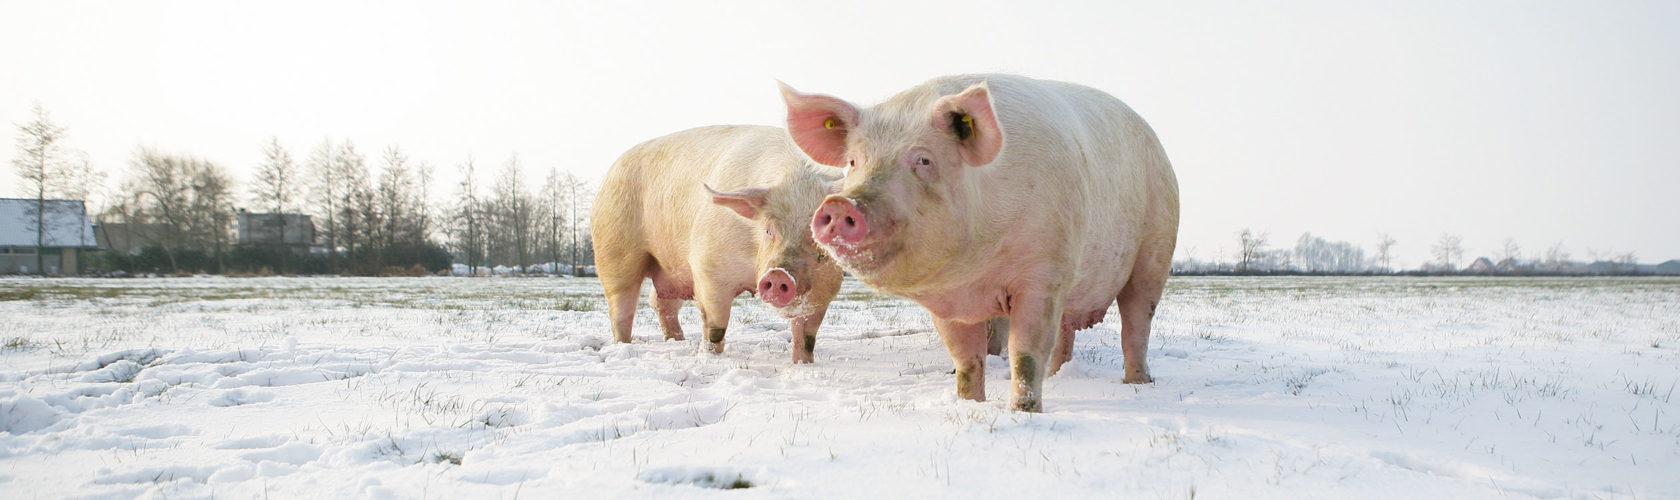 Biologische moedervarkens in de sneeuw